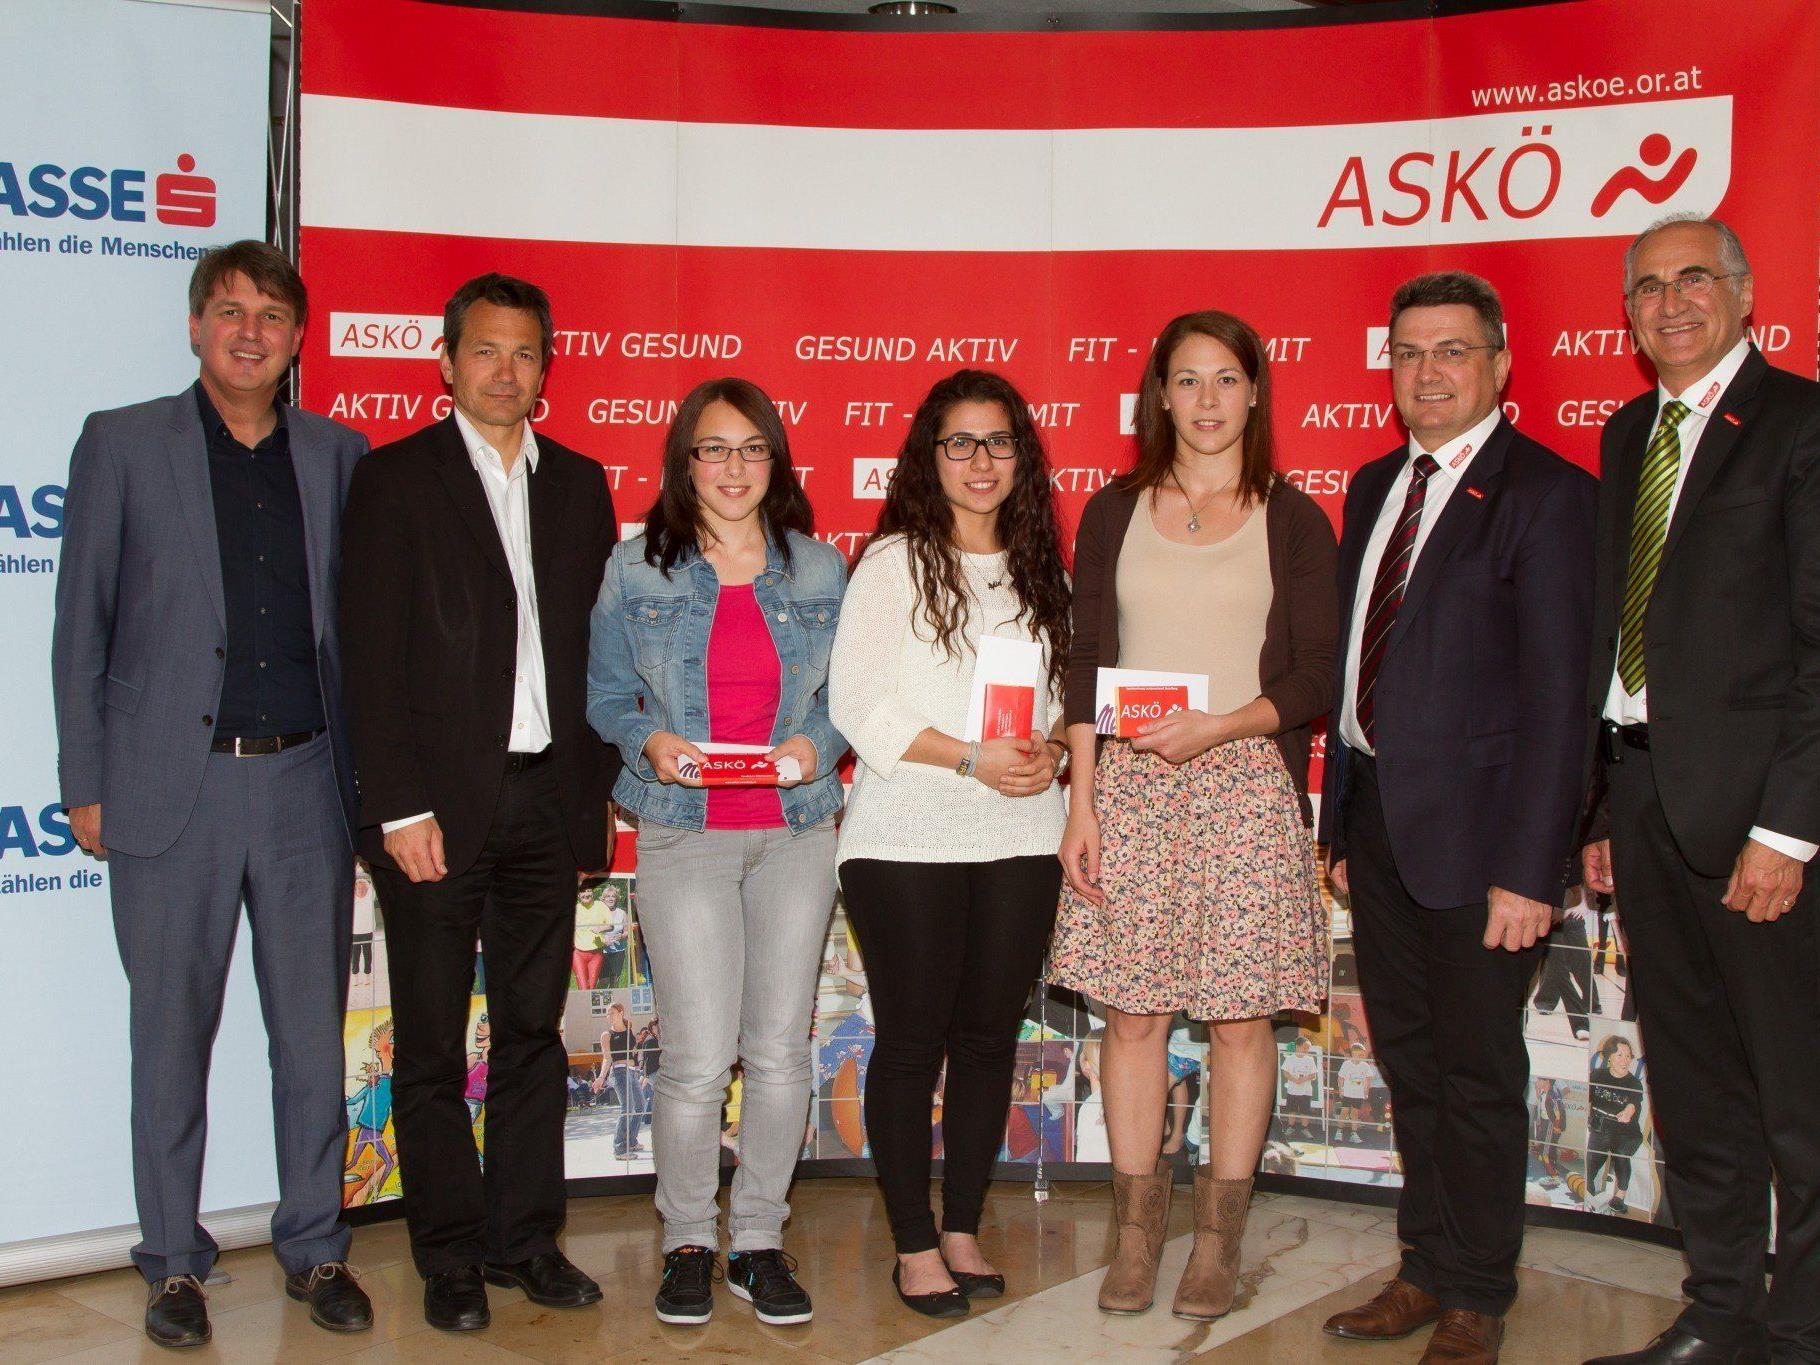 Ehrengäste mit erfolgreichen ASKÖ-Sportlerinnen des Shotokan Karateclub Lustenau (v.l. Fischer, Zangerl, Aberer A., Aktas, Aberer N., Krist, Neururer)Krist